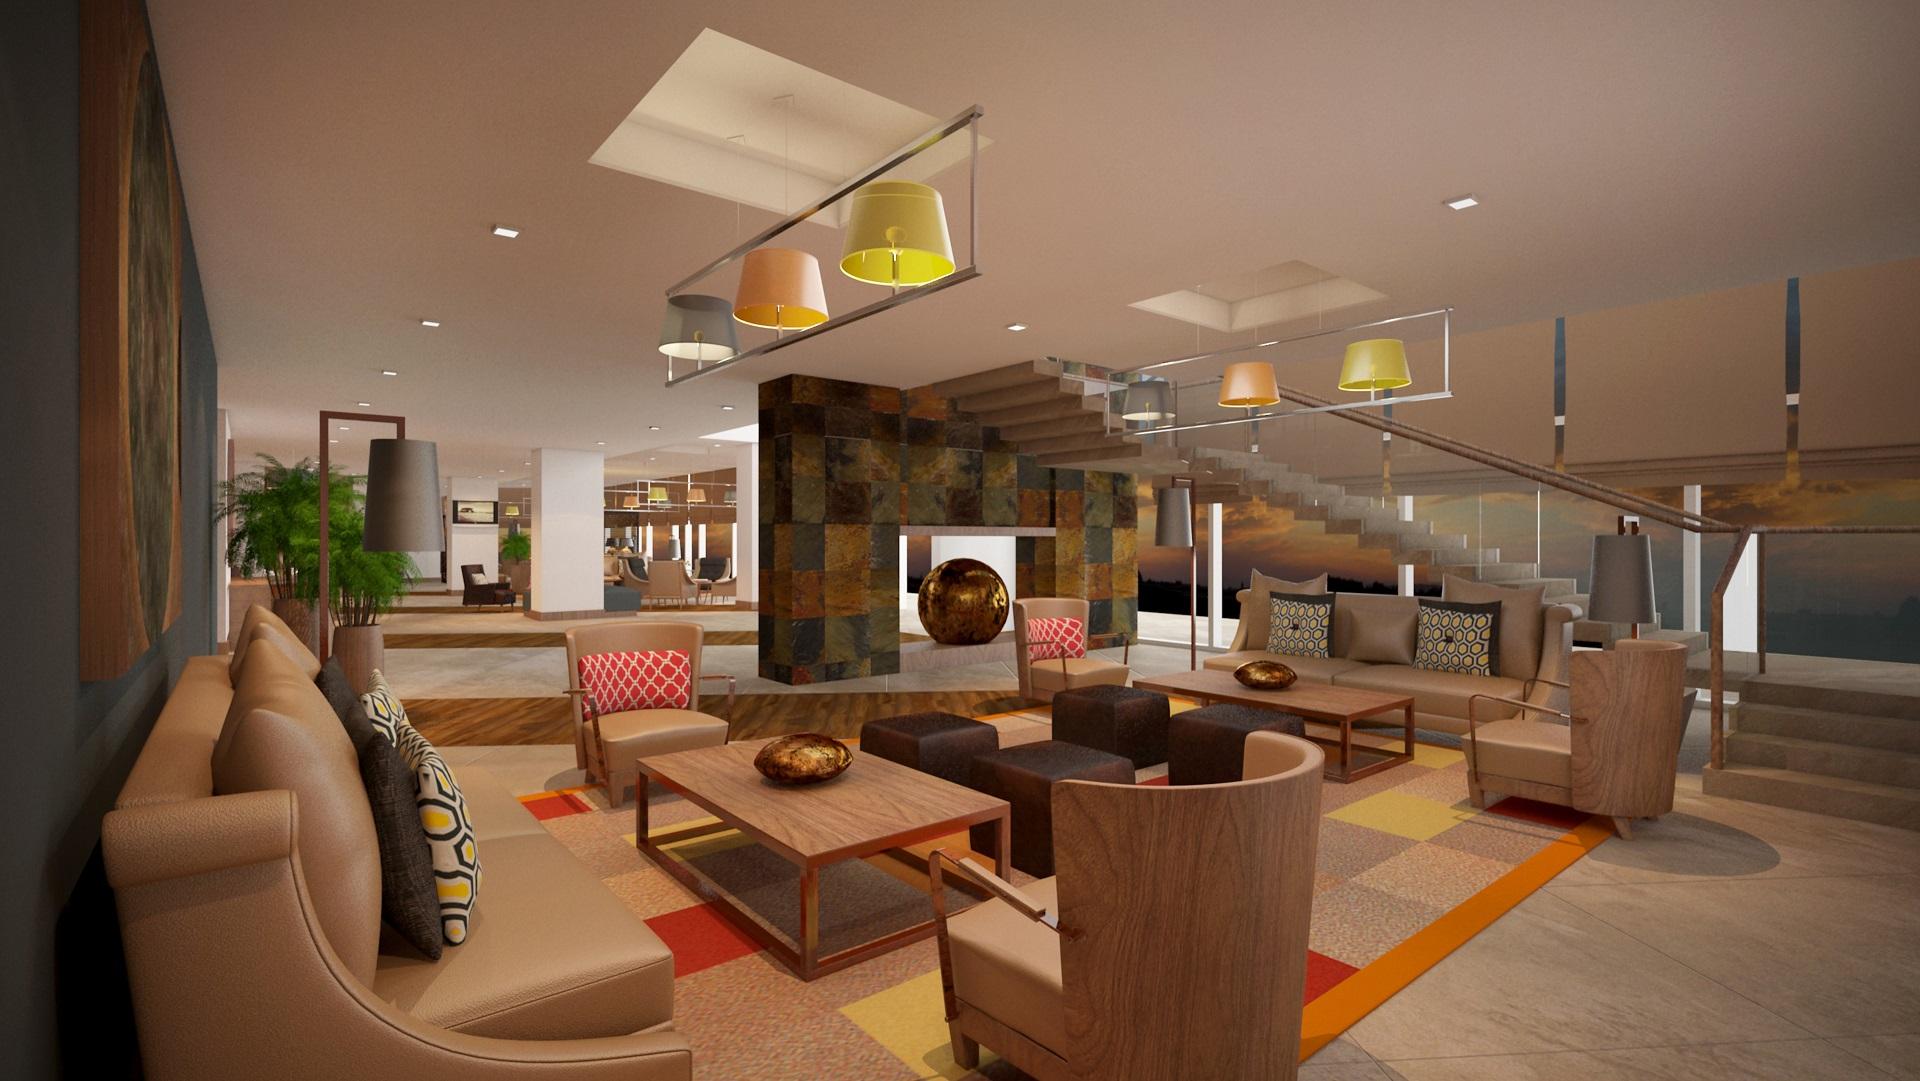 مجموعة فنادق إنتركونتيننتال® تعلن عن افتتاح فندق ستايبريدج سويتس في جدة في السعودية